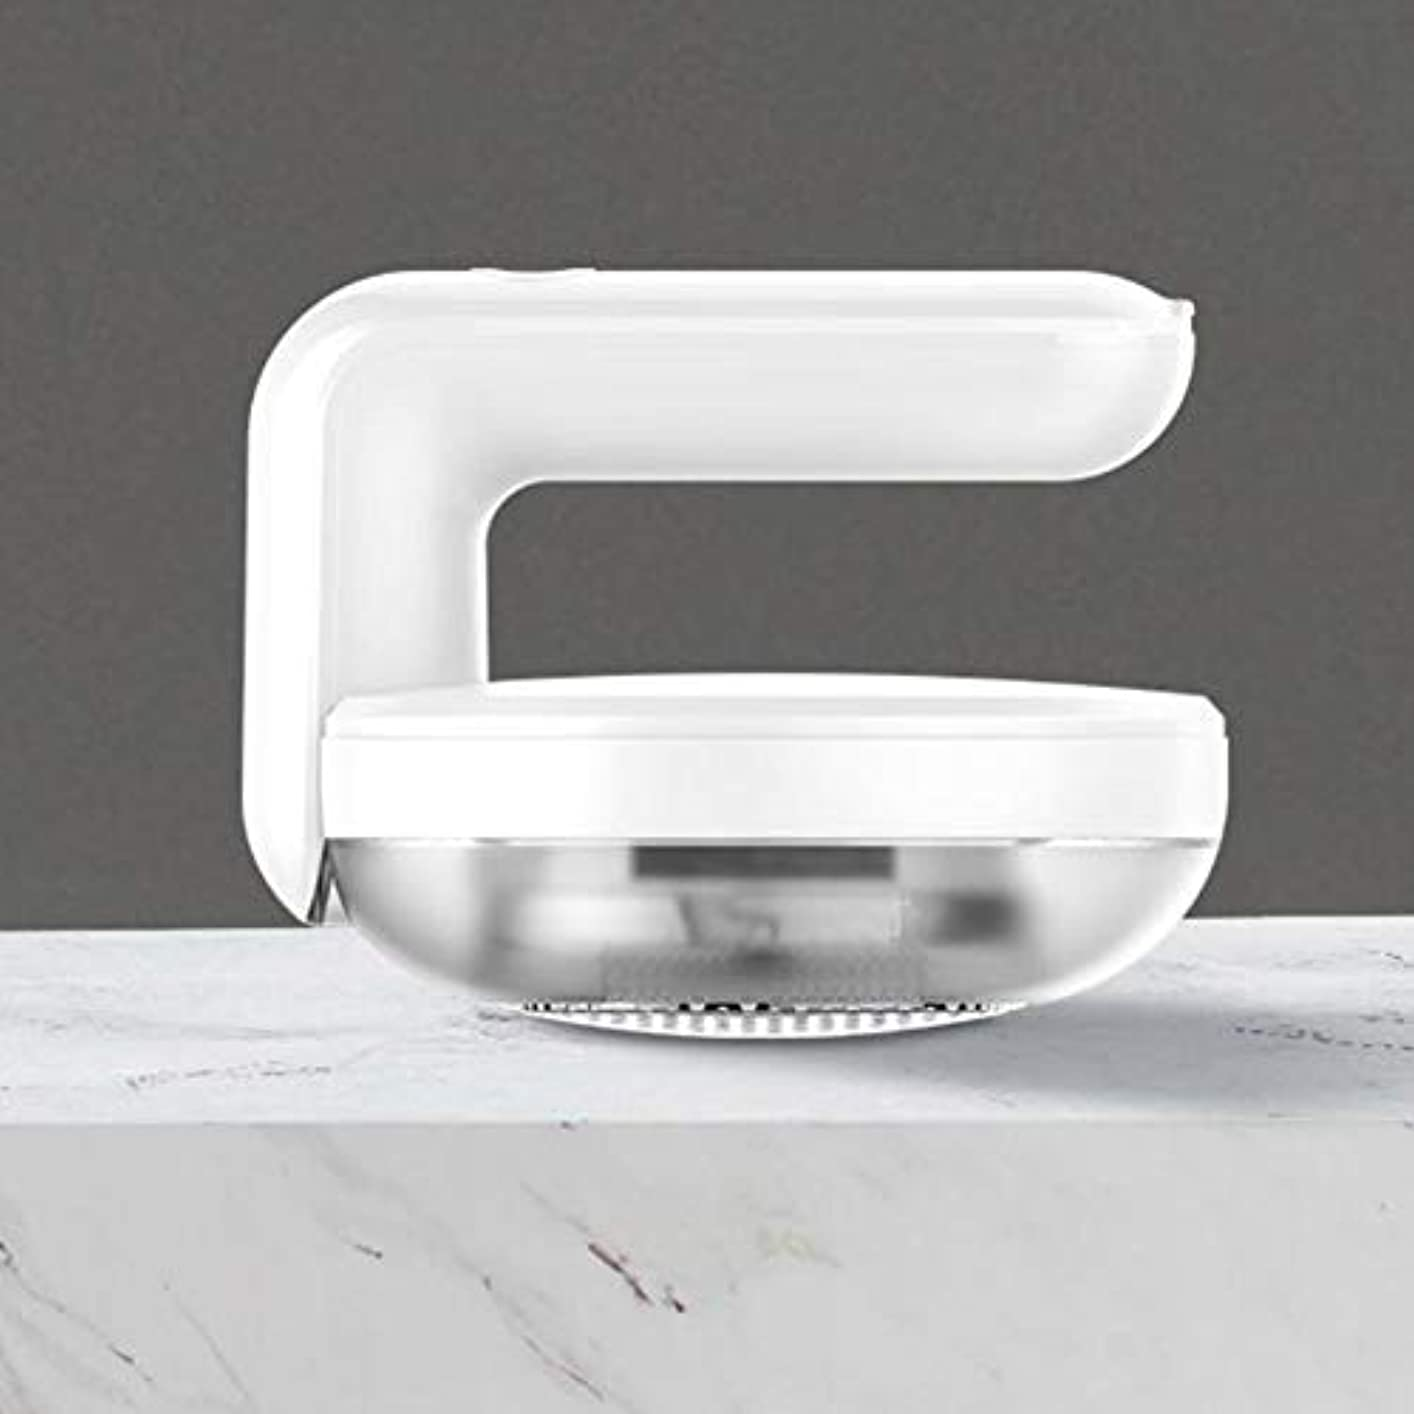 公承認するガレージ毛玉取り器 毛玉カット 電動 毛玉取り機 USB充電式 6枚刃モデル 高速回転